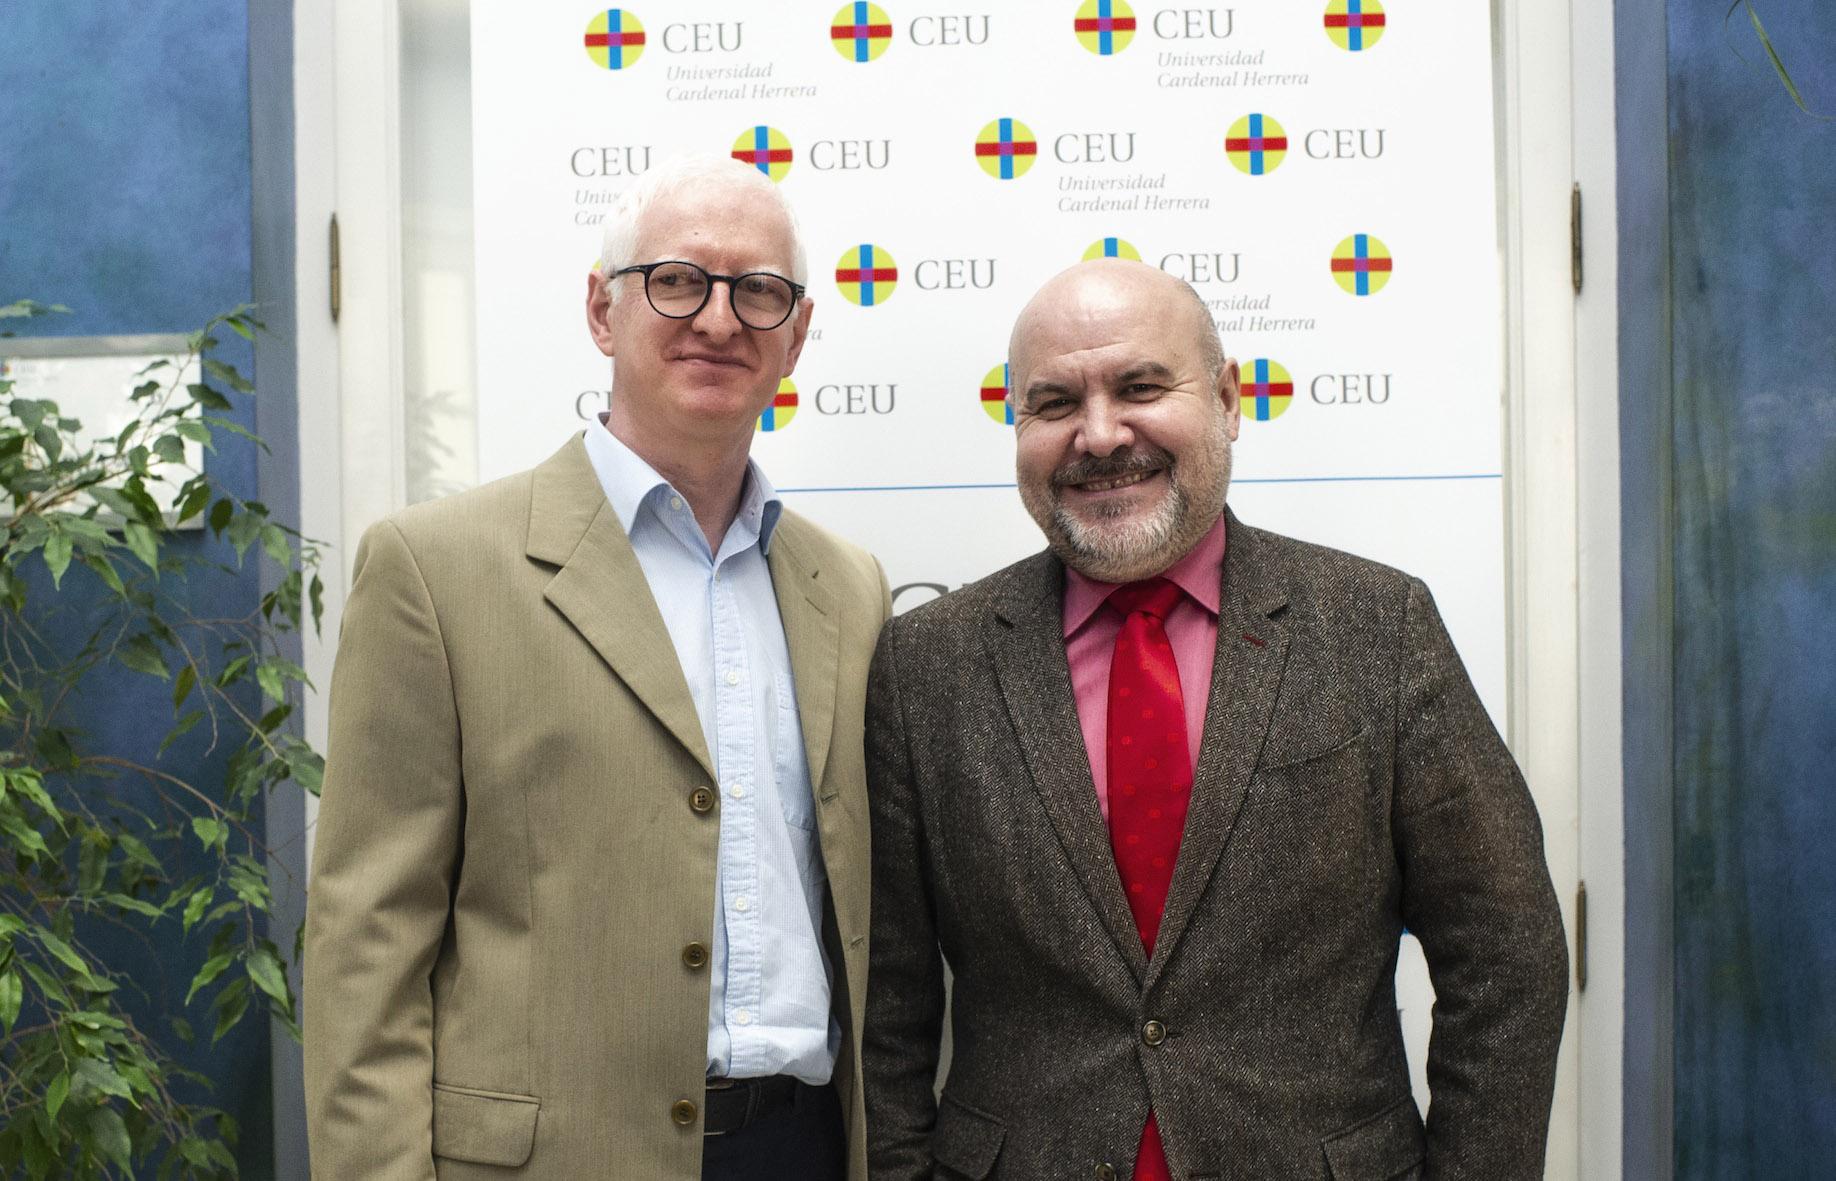 Josep Solves, director del Instituto ODISEAS de la CEU UCH, y Luis Cayo Pérez Bueno, presidente del CERMI, en la sede del Palacio de Colomina-CEU.